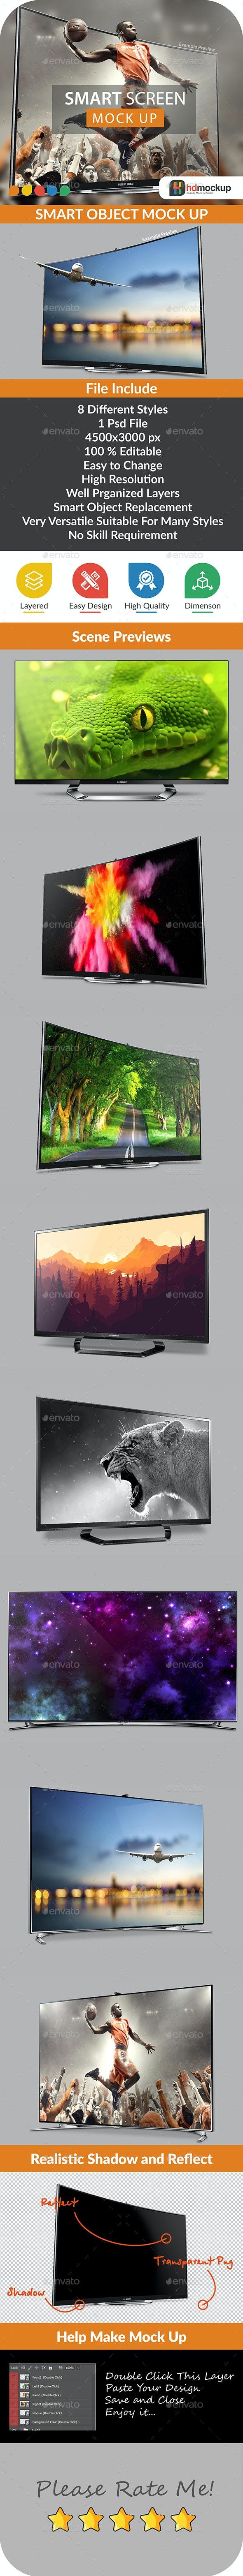 Smart Screen Mock Up - 004 - TV Displays